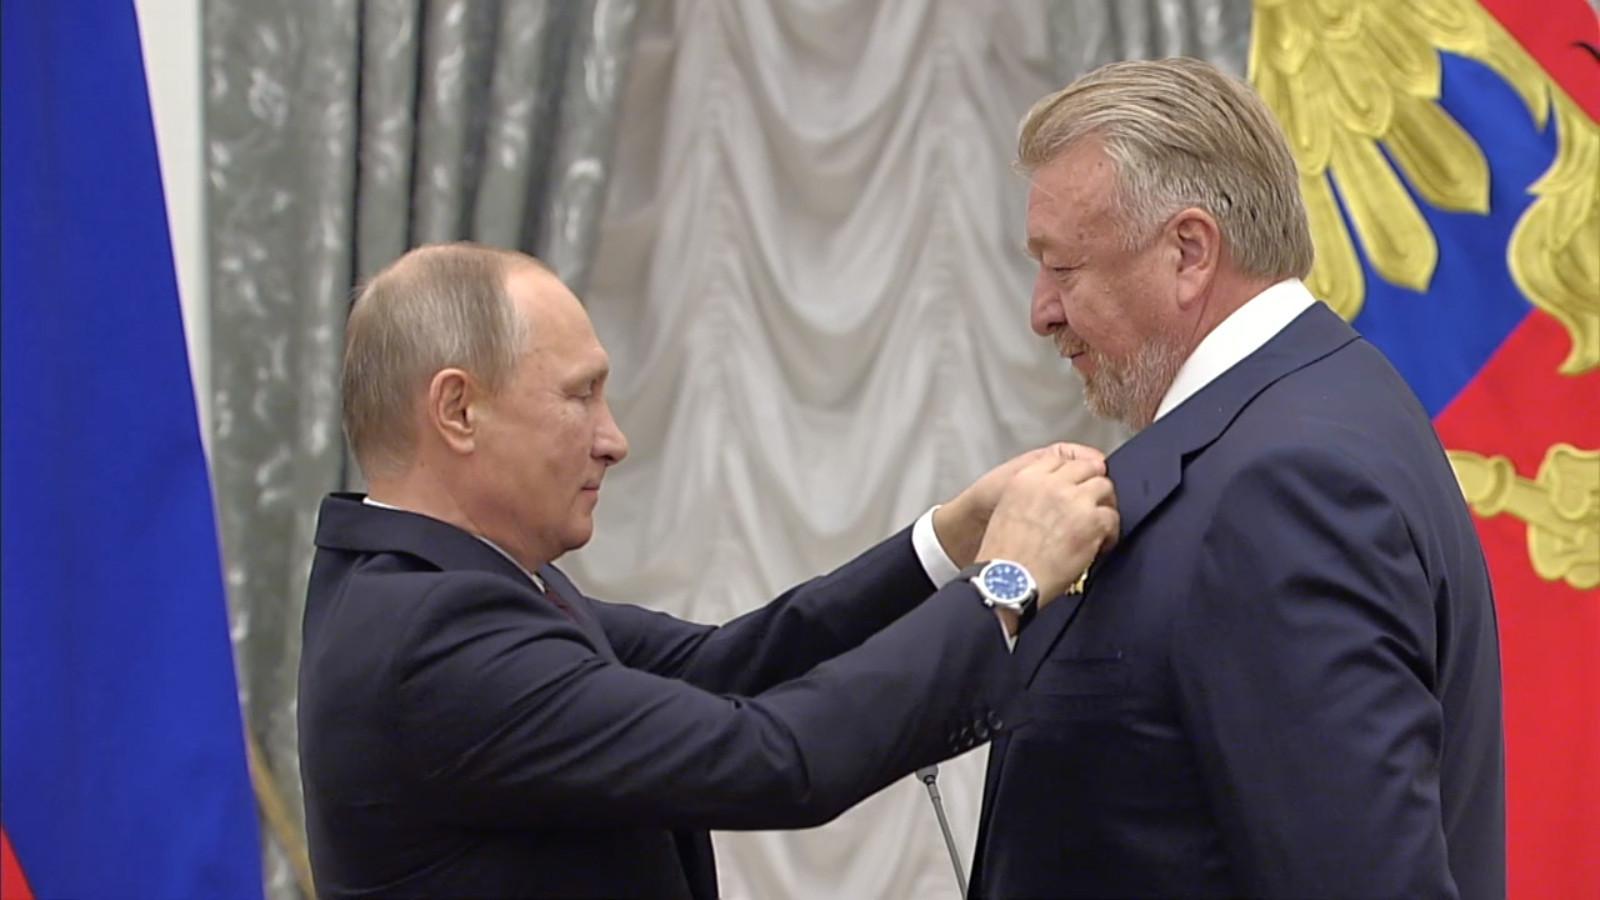 Vasily Titov awarded Order of Friendship by President Putin